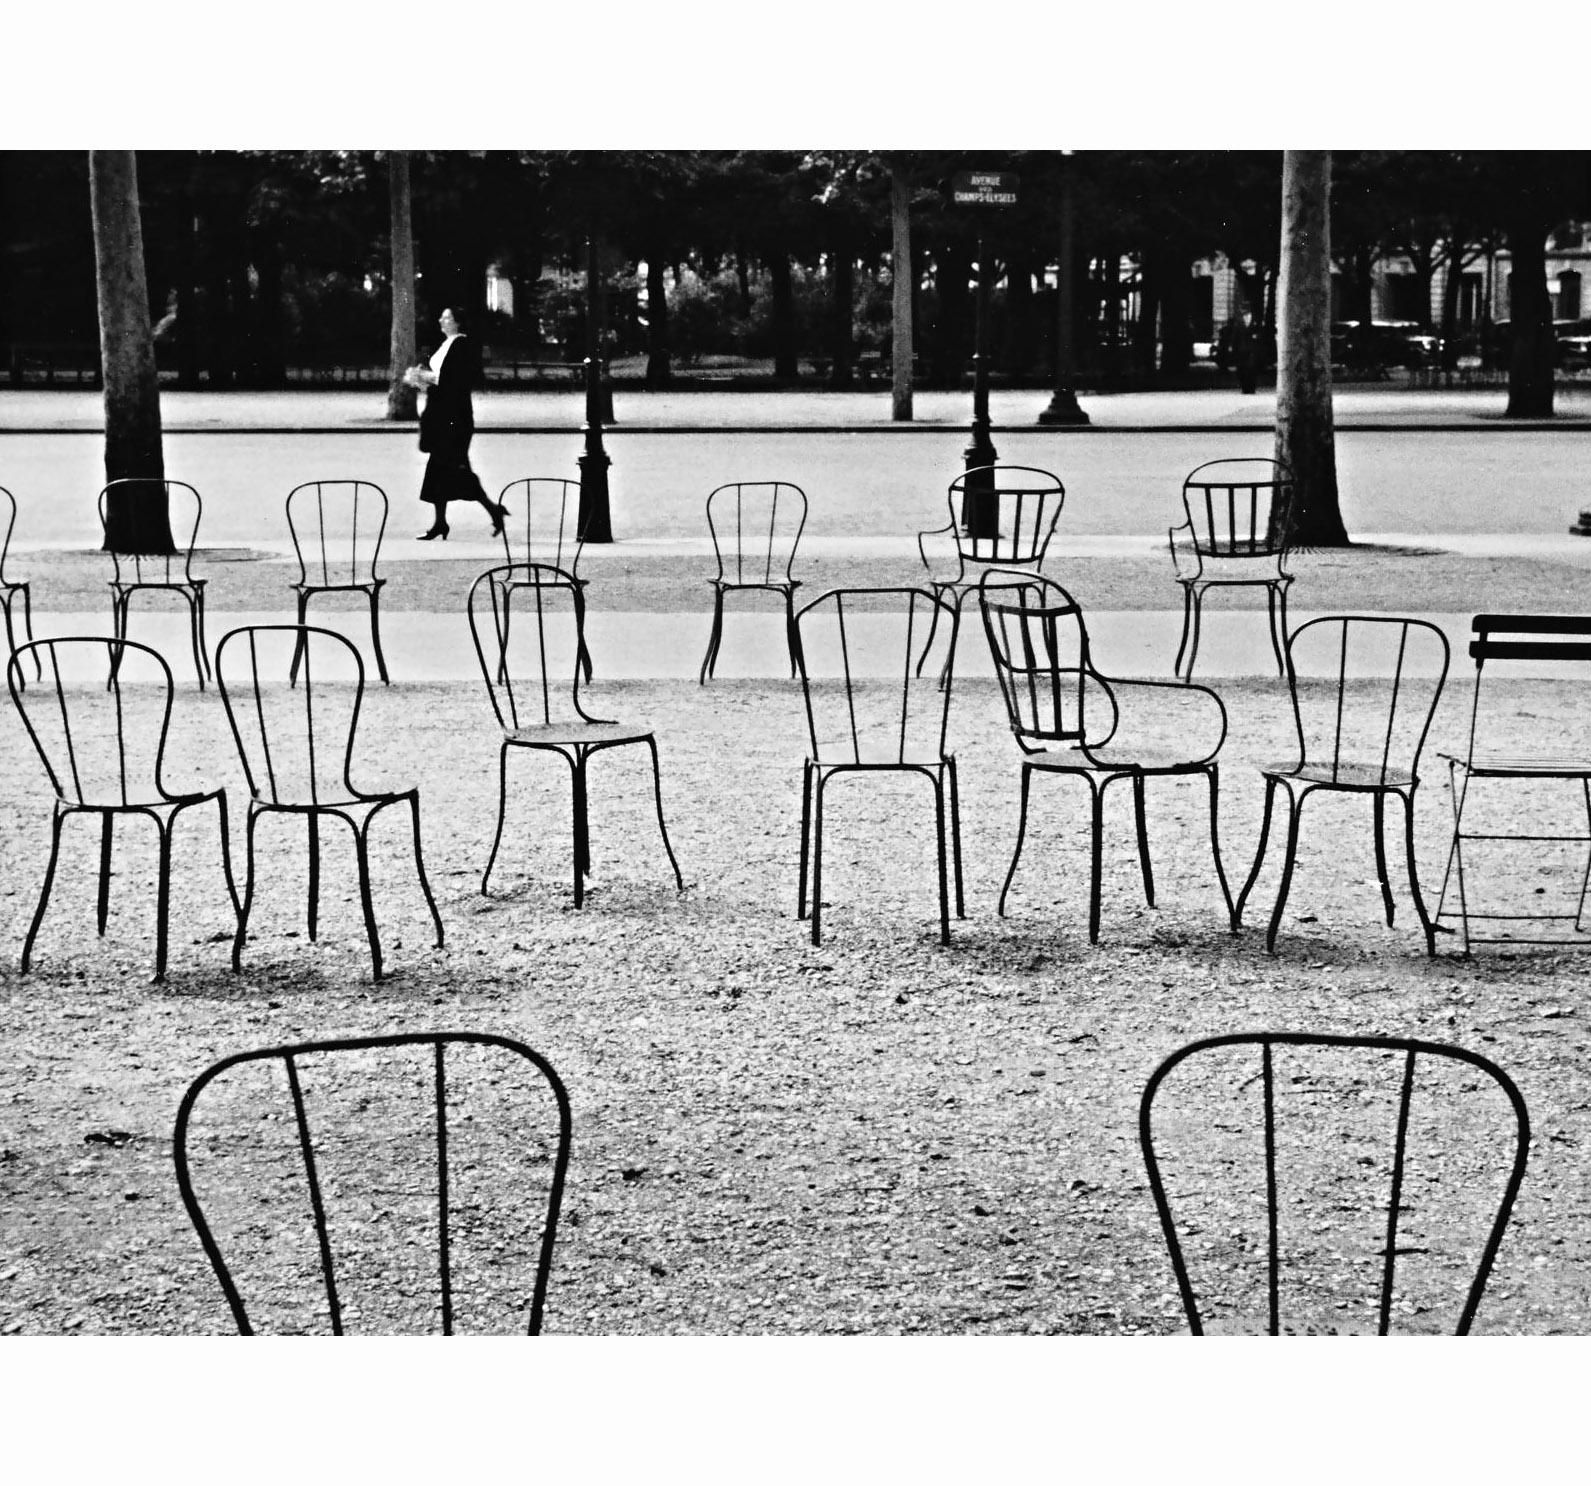 📷André Kertész  Champs-Élysées  1927 https://t.co/B8AUow20Uh